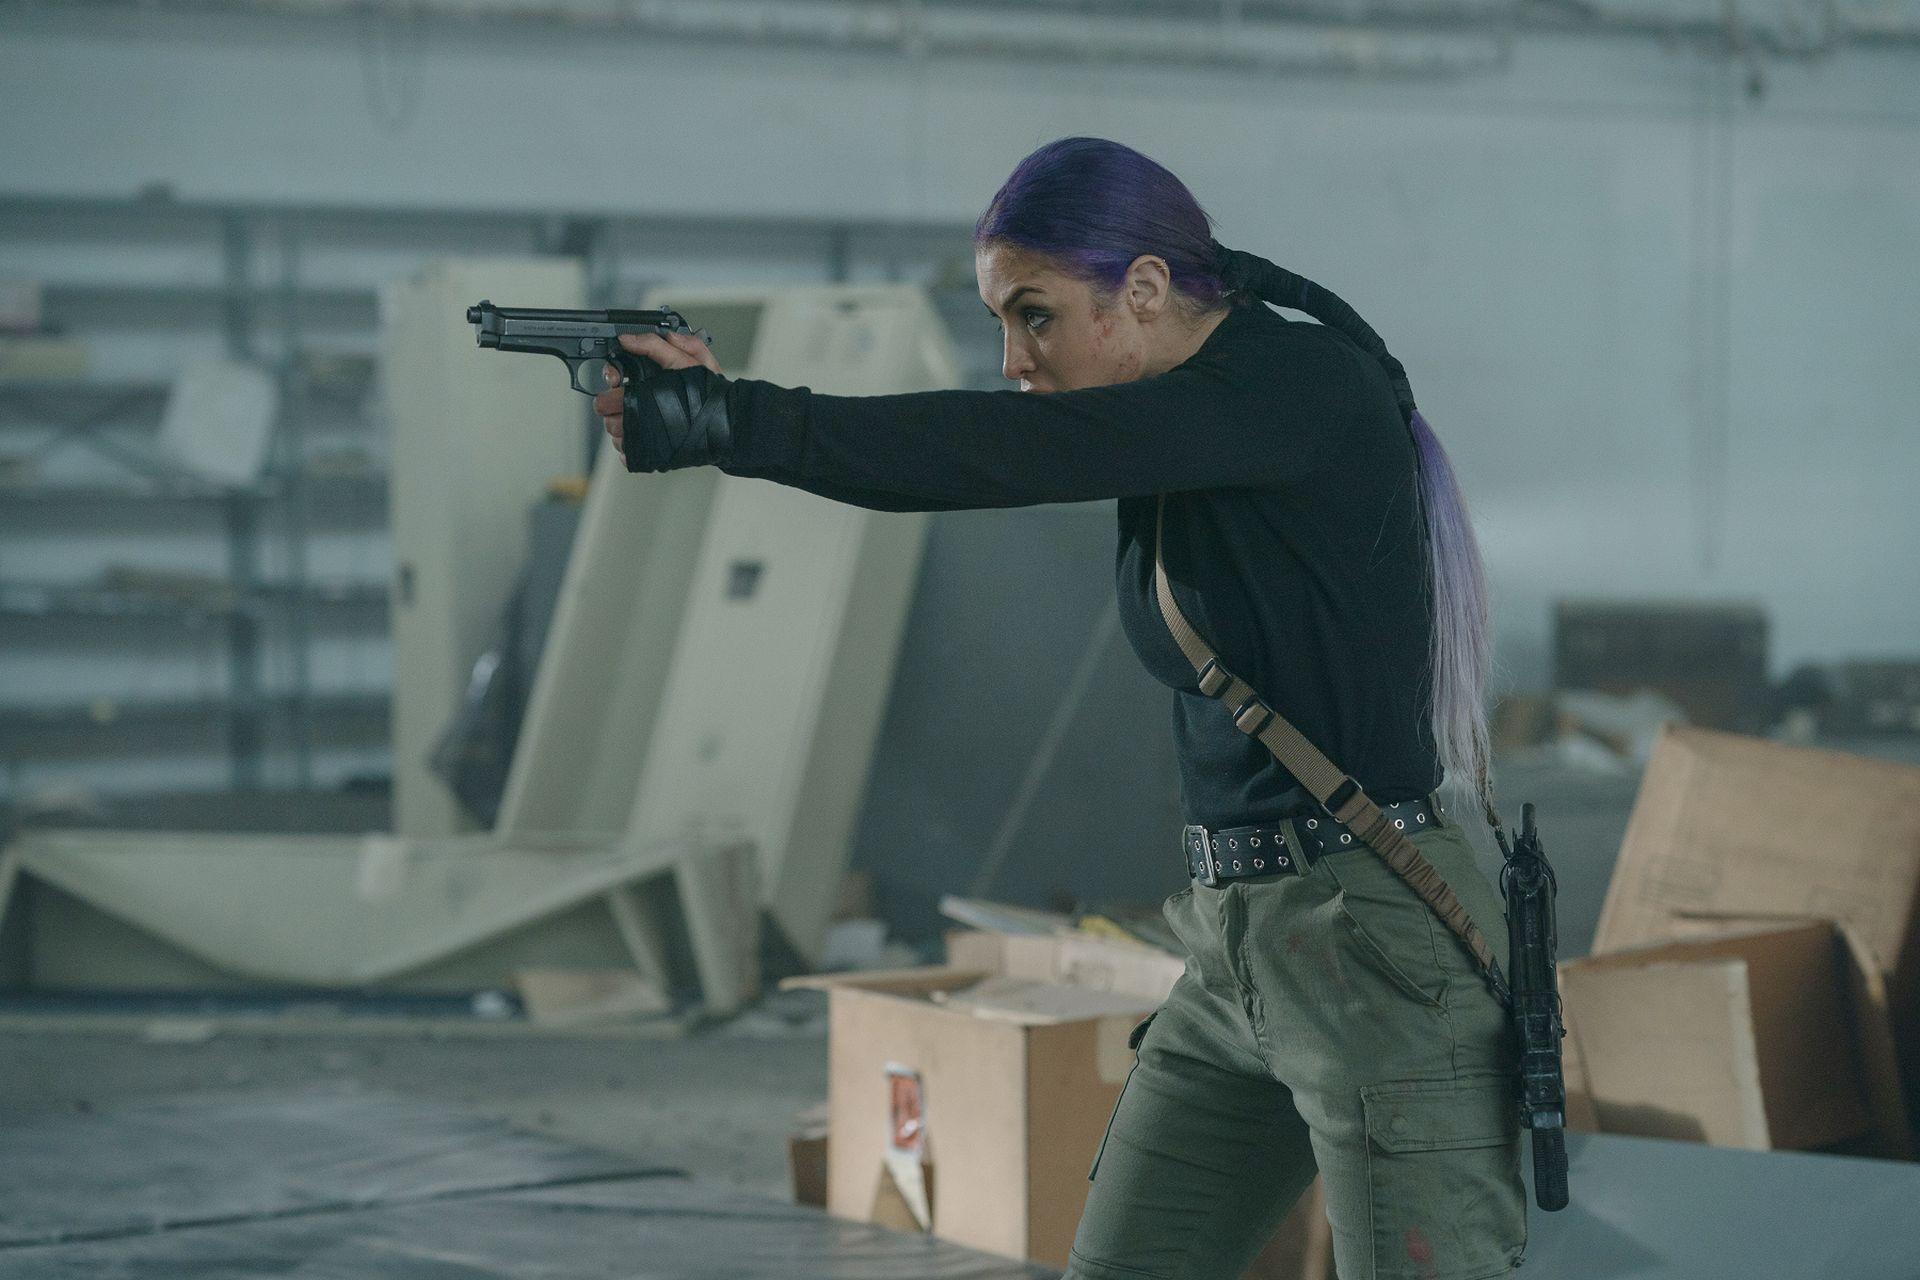 出身軍事背景的娜塔莉伊娃瑪麗,完美變身衝鋒陷陣的女漢子